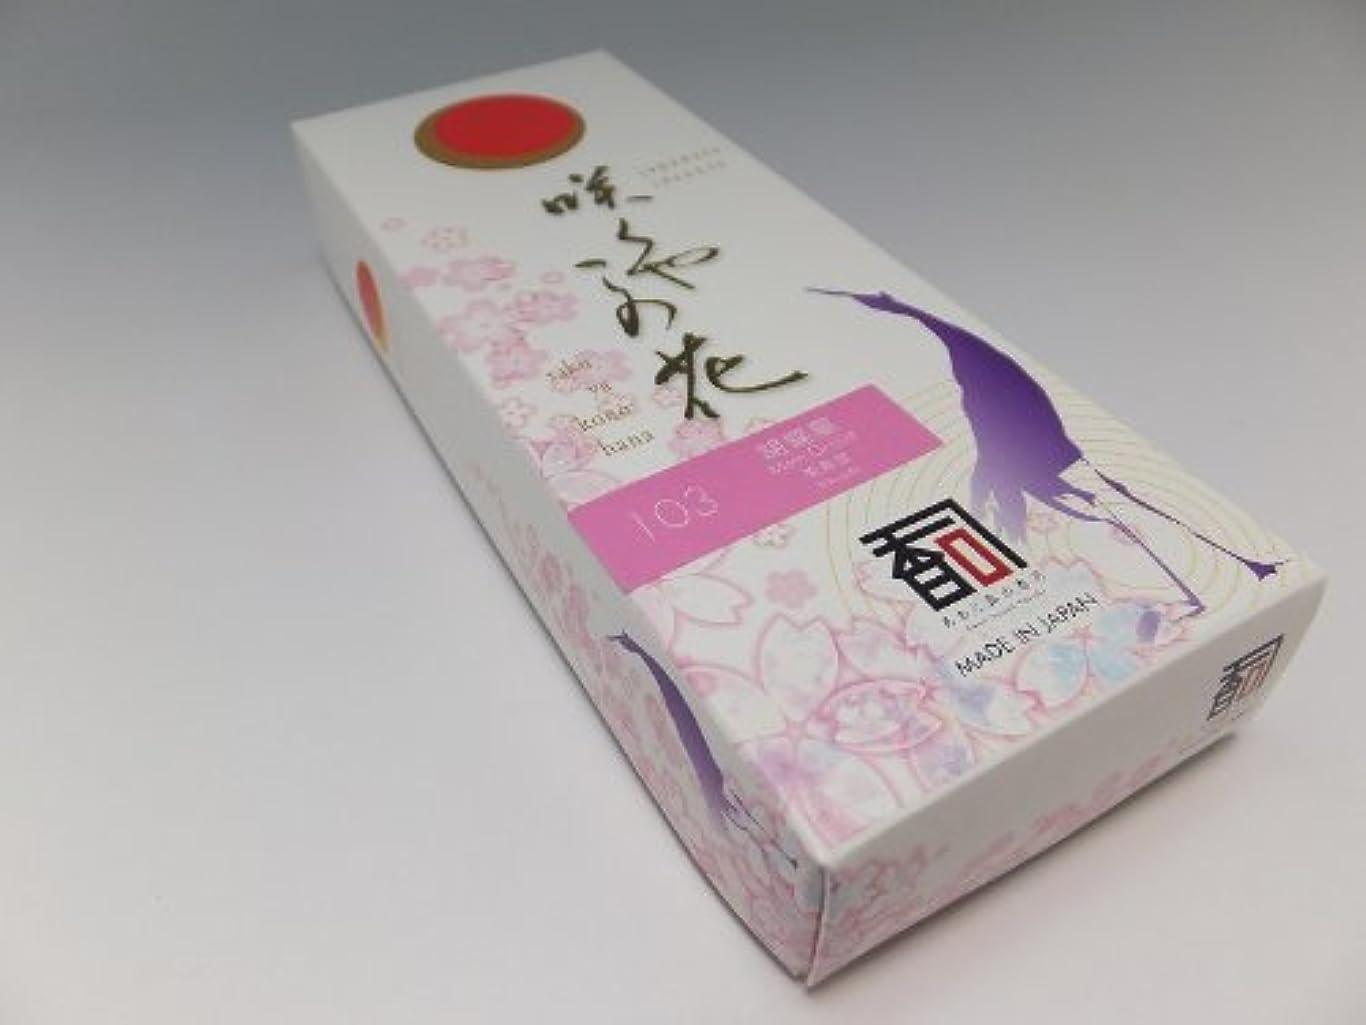 小説象用心する「あわじ島の香司」 日本の香りシリーズ  [咲くや この花] 【103】 胡蝶蘭 (有煙)